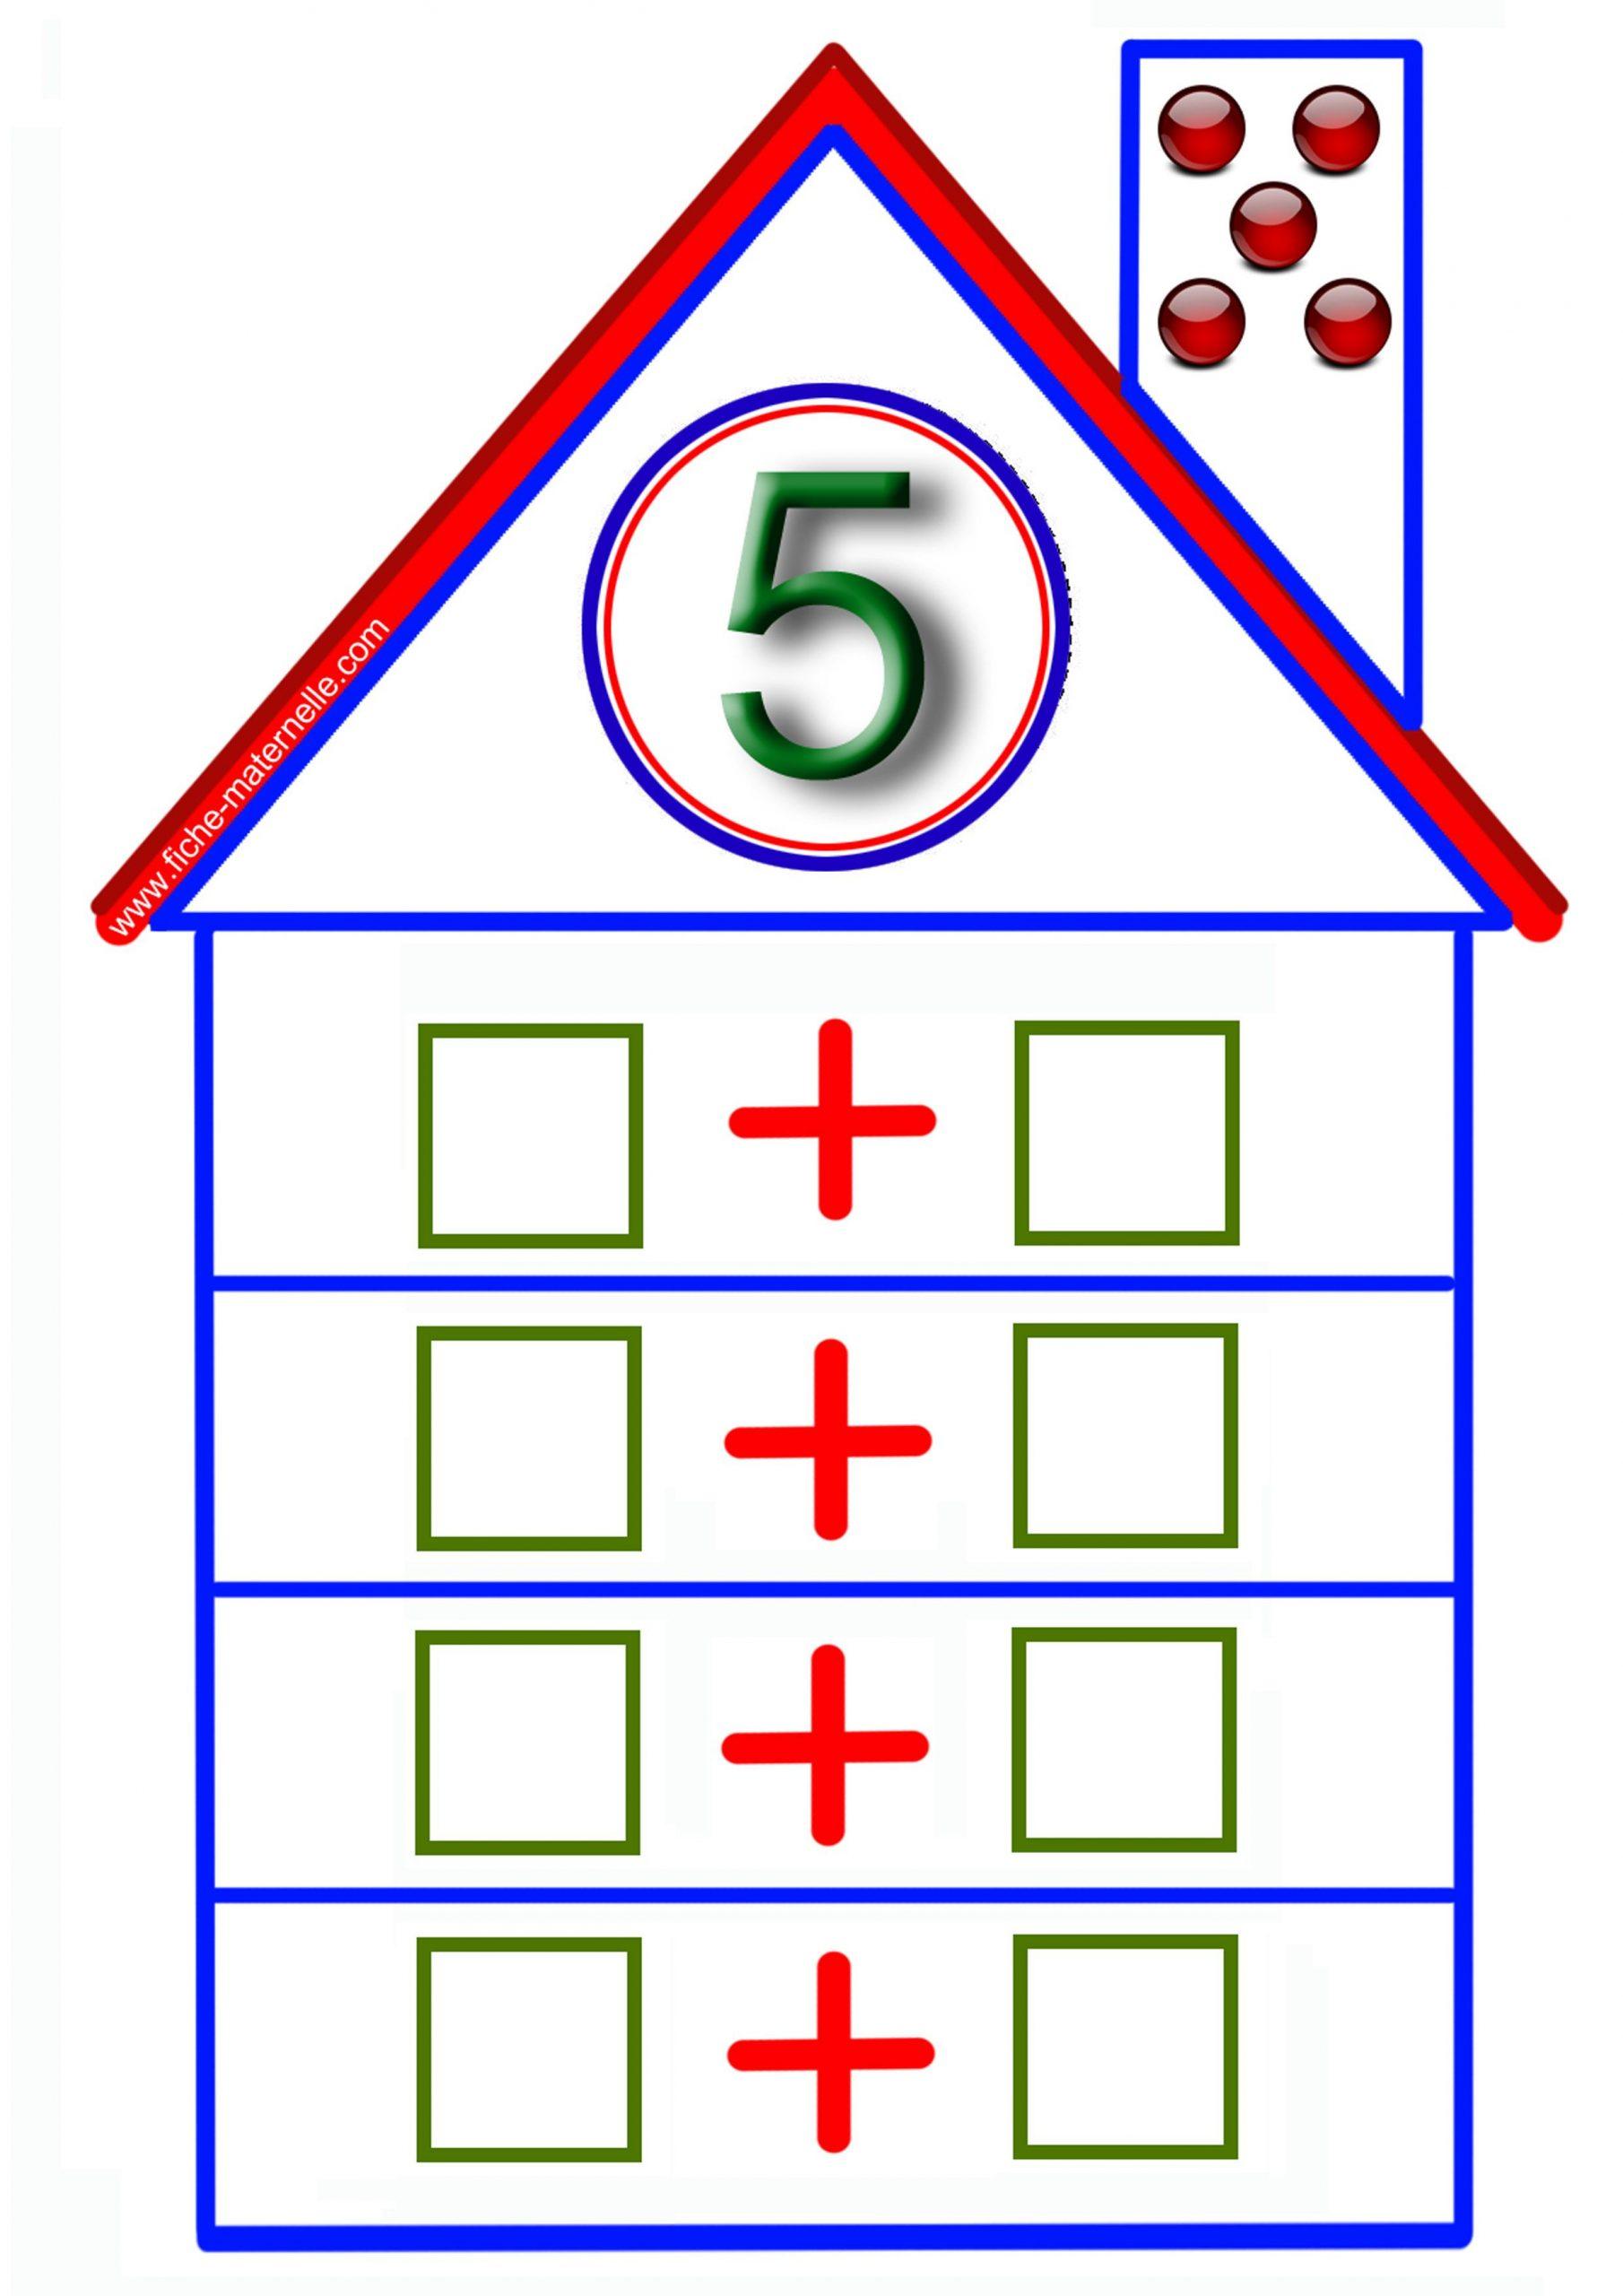 Jeux Mathématiques En Maternelle | Jeux Mathématiques dedans Jeux De Matematique